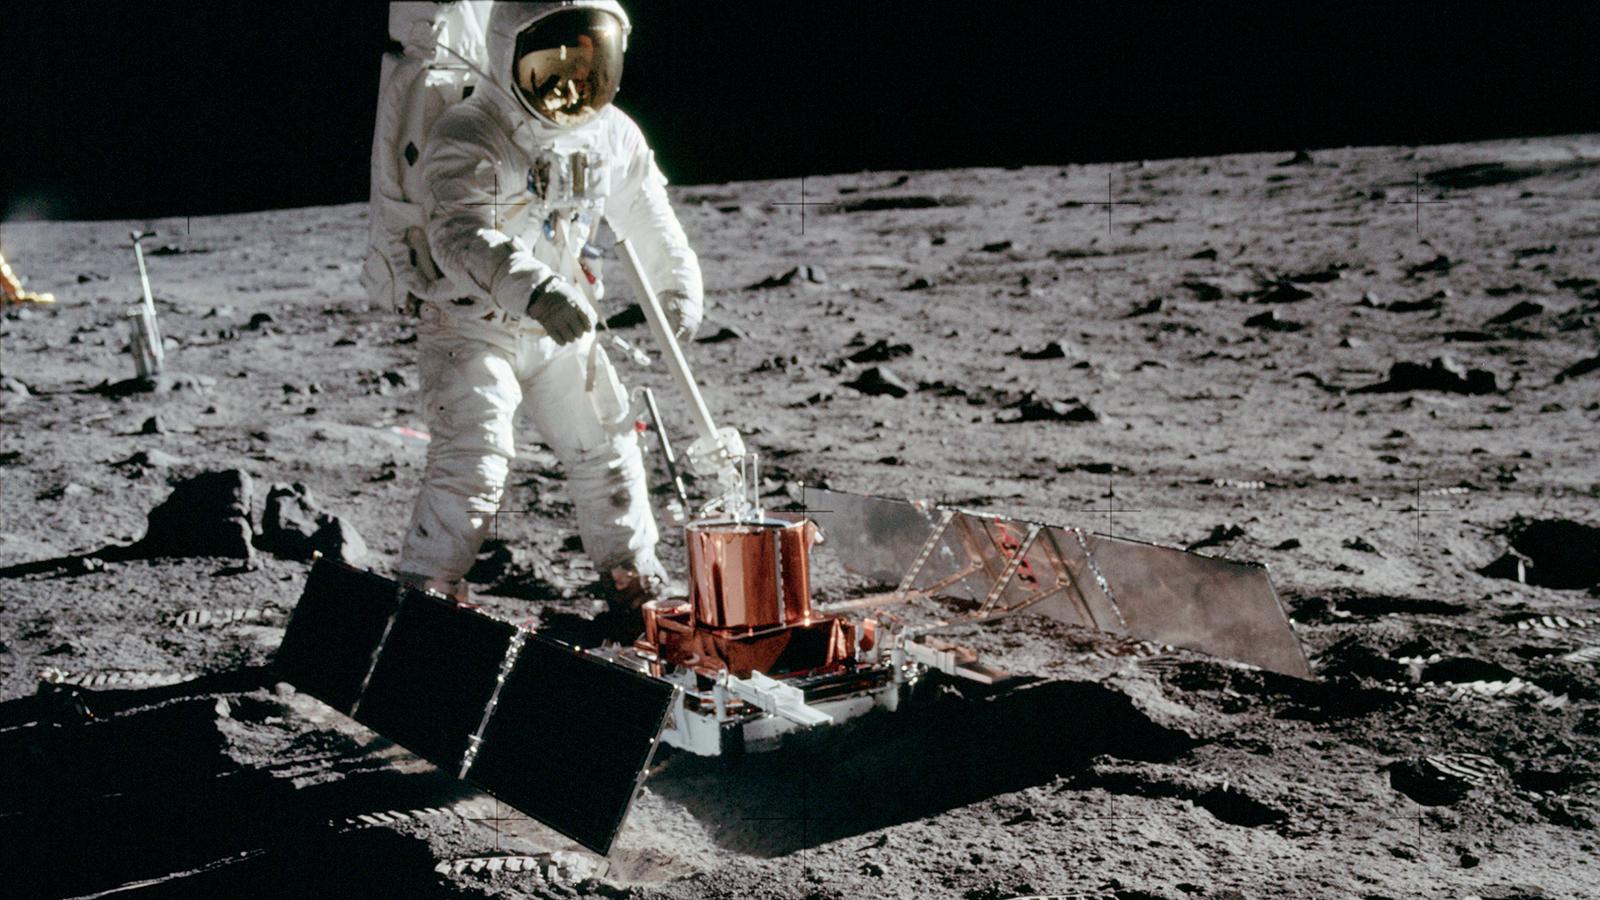 Még mindig a Hold körül keringhet az Apollo 11 felszállóegysége